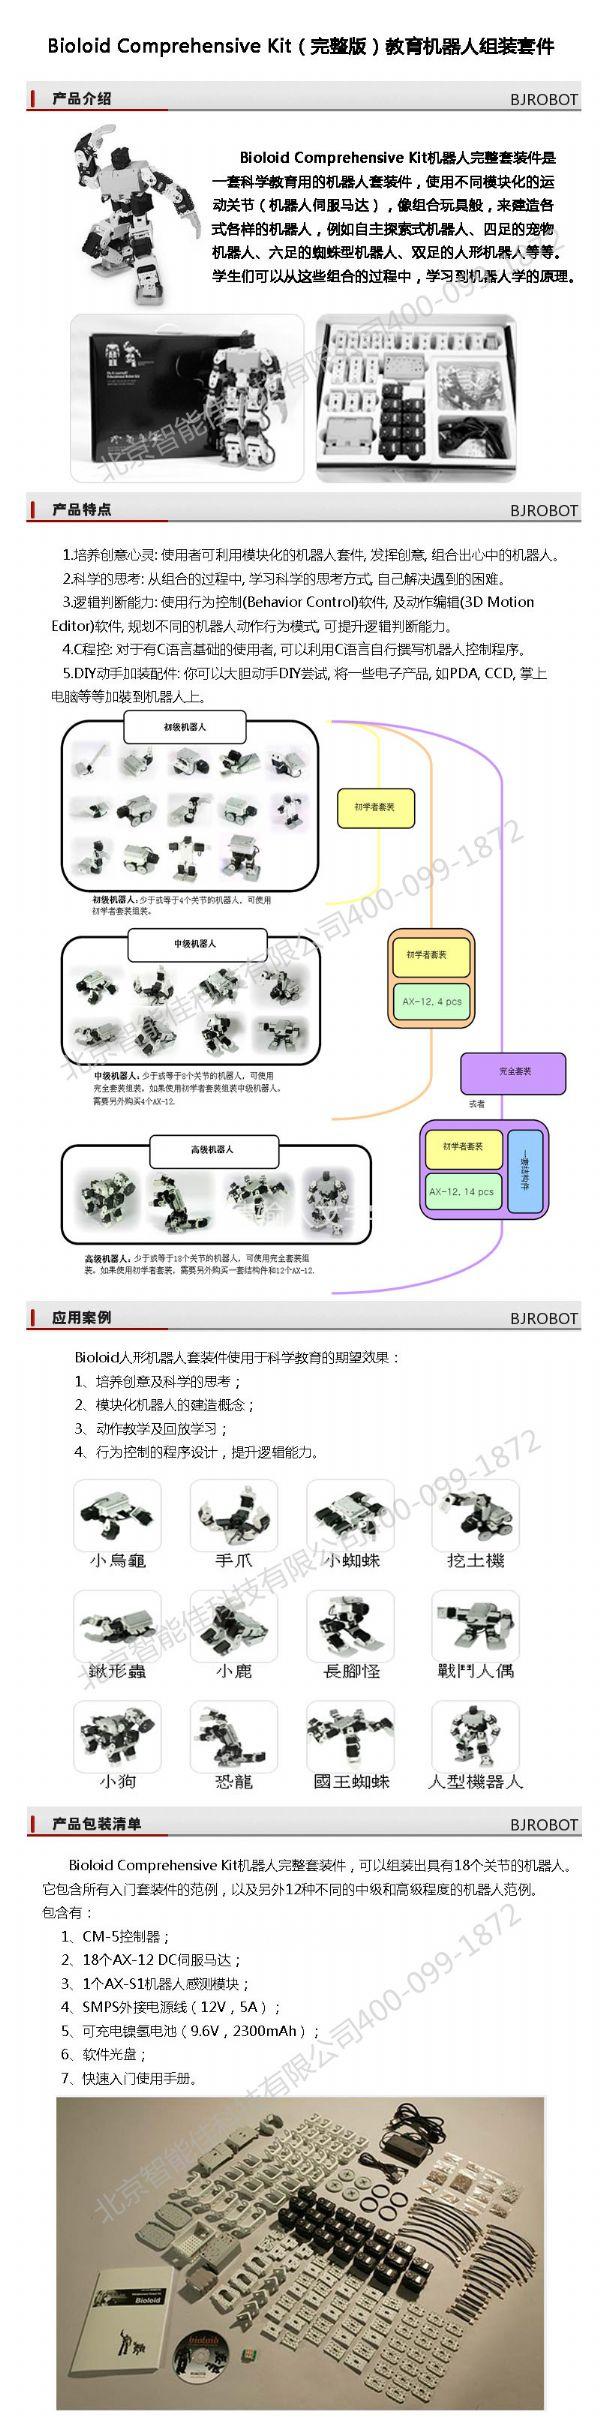 智能佳 Bioloid Comprehensive Kit(完整版)教育机器人套件